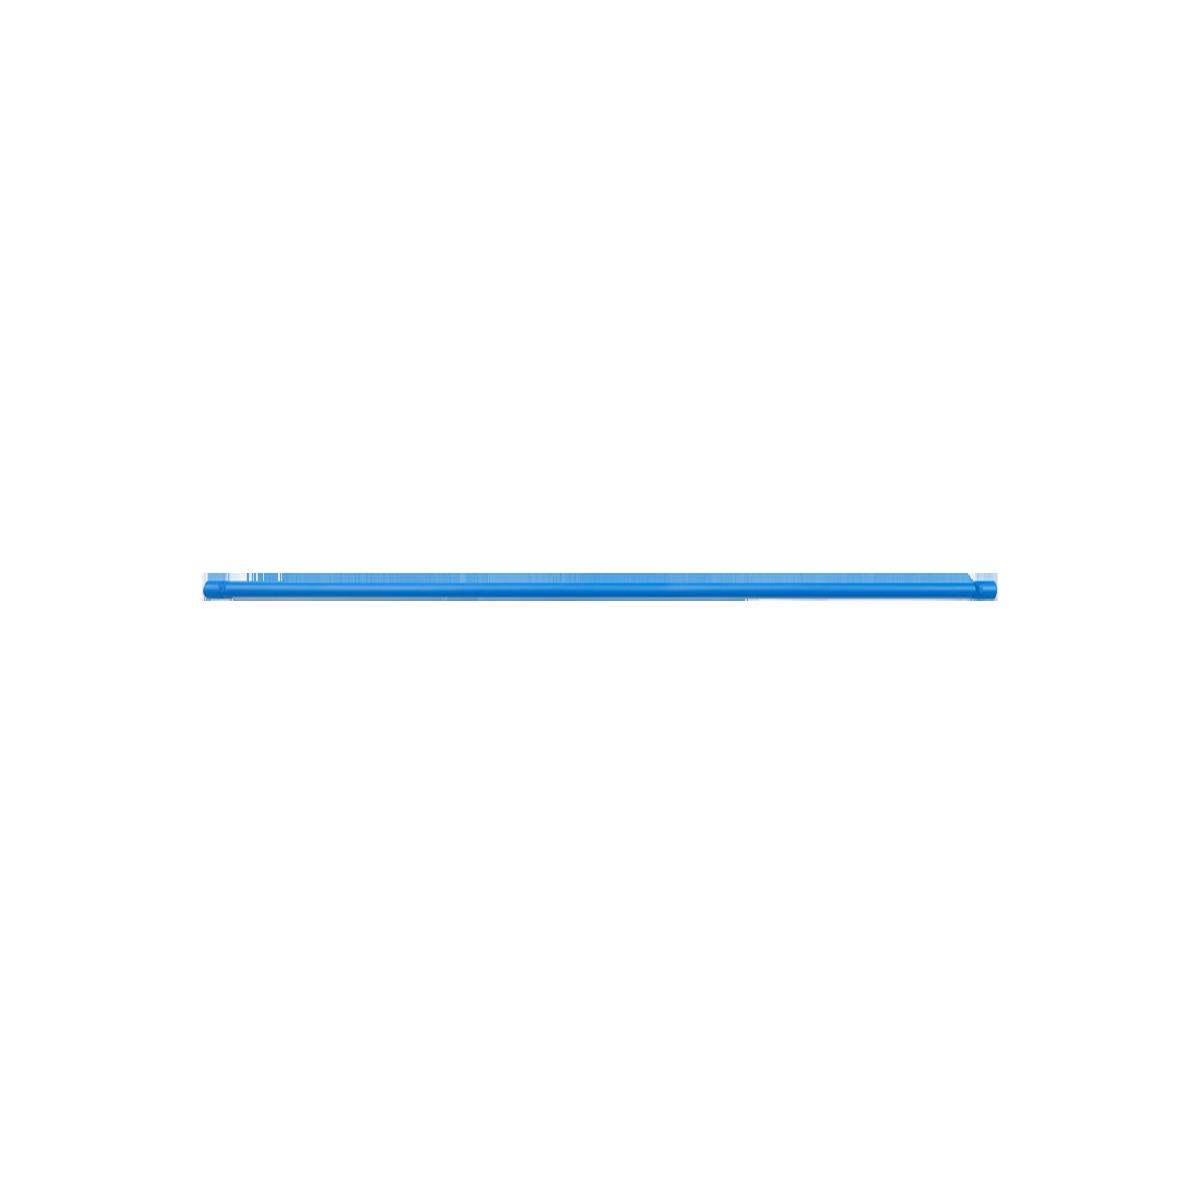 ΣΩΛΗΝΑΣ-ΣΥΝΔΕΣΗΣ_-ΜΟΝΟΖΥΓΟΥ-Φ33--x-1,8-x-1120mm.png